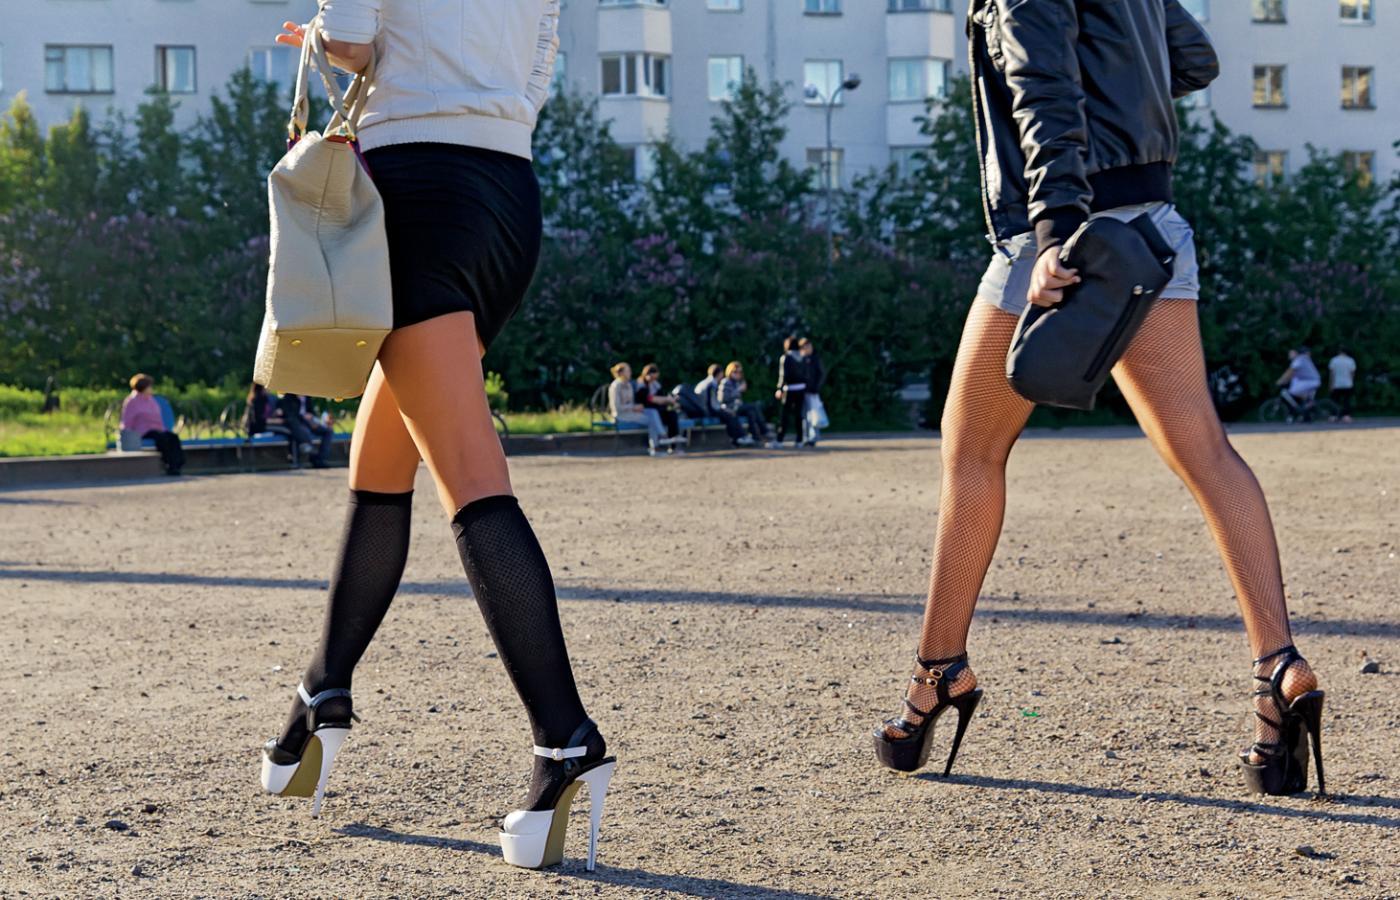 Dziwne rosyjskie zdjęcia randkowe